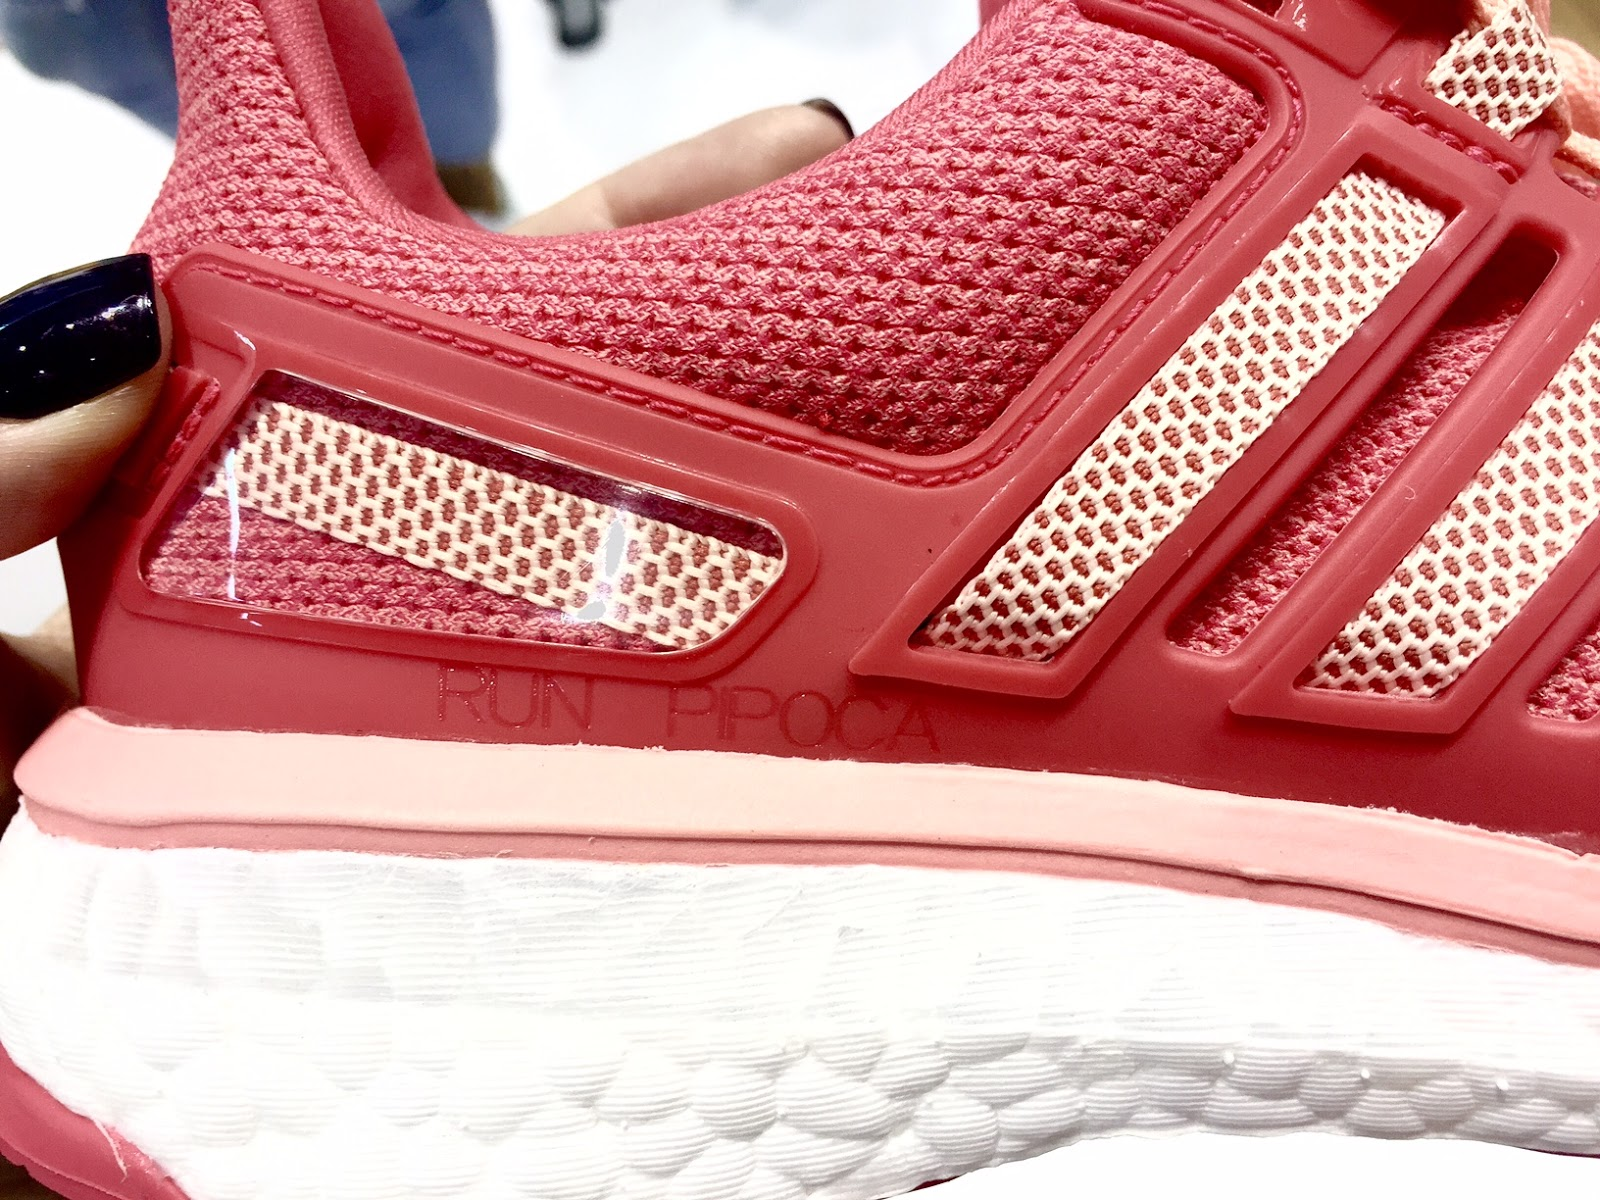 cbf491e1bde A Pipoca Mais Doce  Ténis personalizados na Adidas